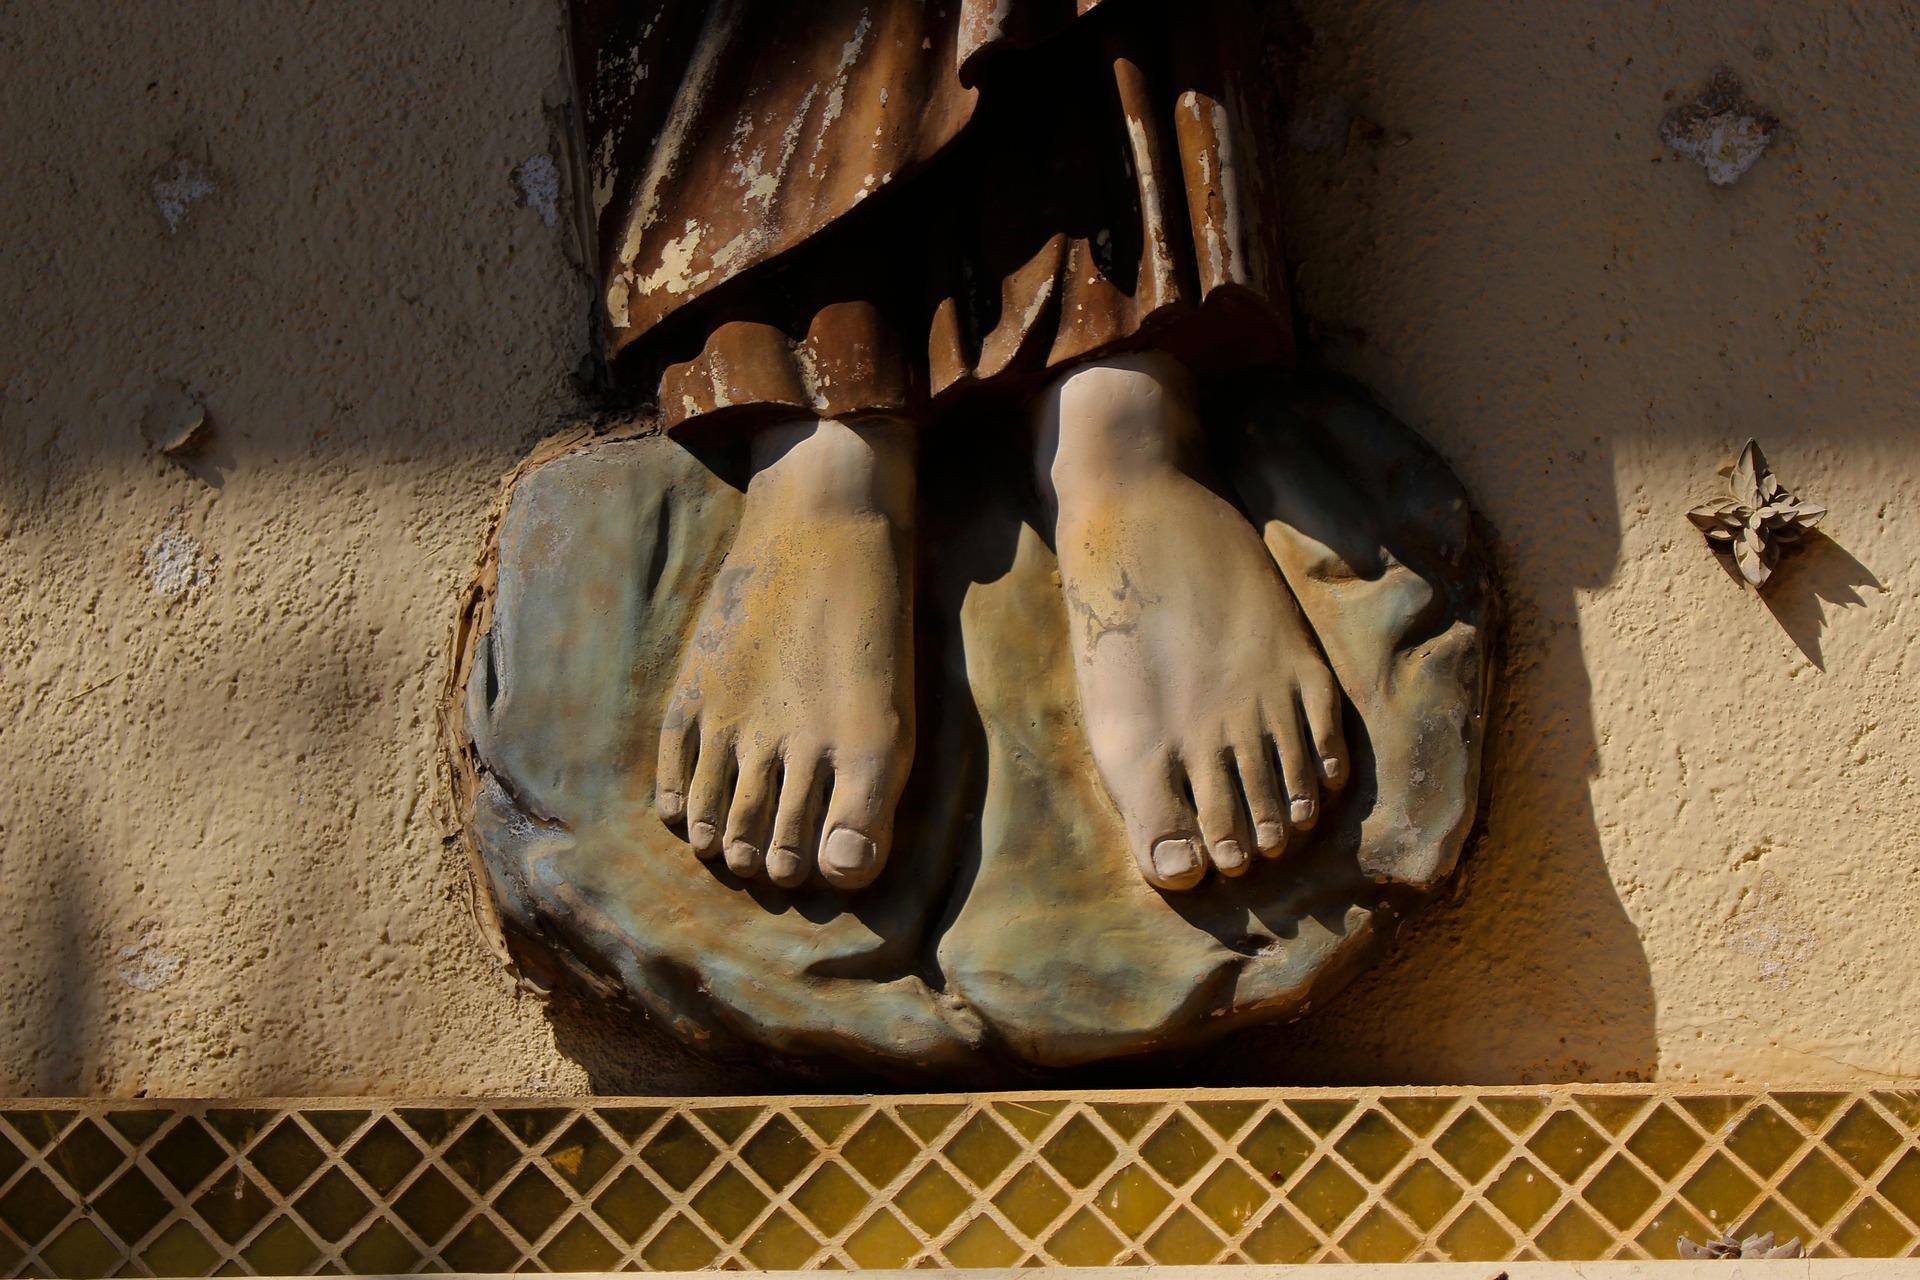 Il piede destro è vostro padre, il piede sinistro è vostra madre...